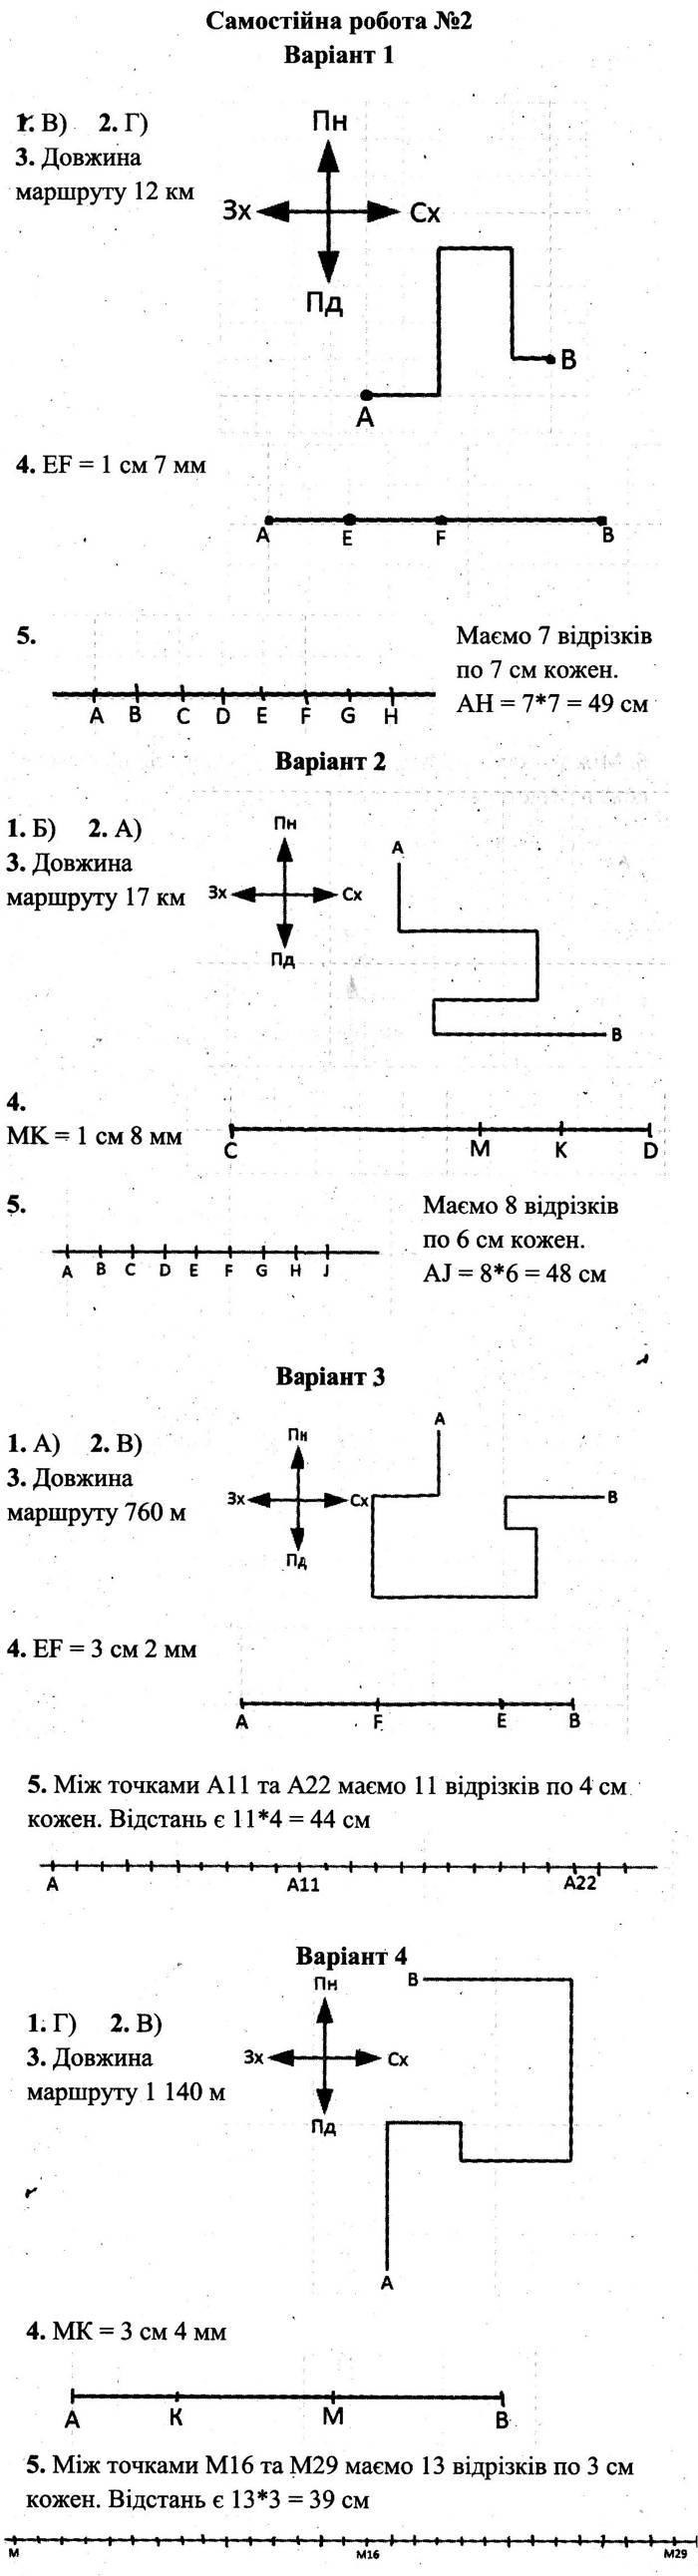 Розв'язання завдань до самостійної роботи 2 посібника 5 клас Математика Мерзляк (збірник самостійних робіт і тестів) 2020 рік